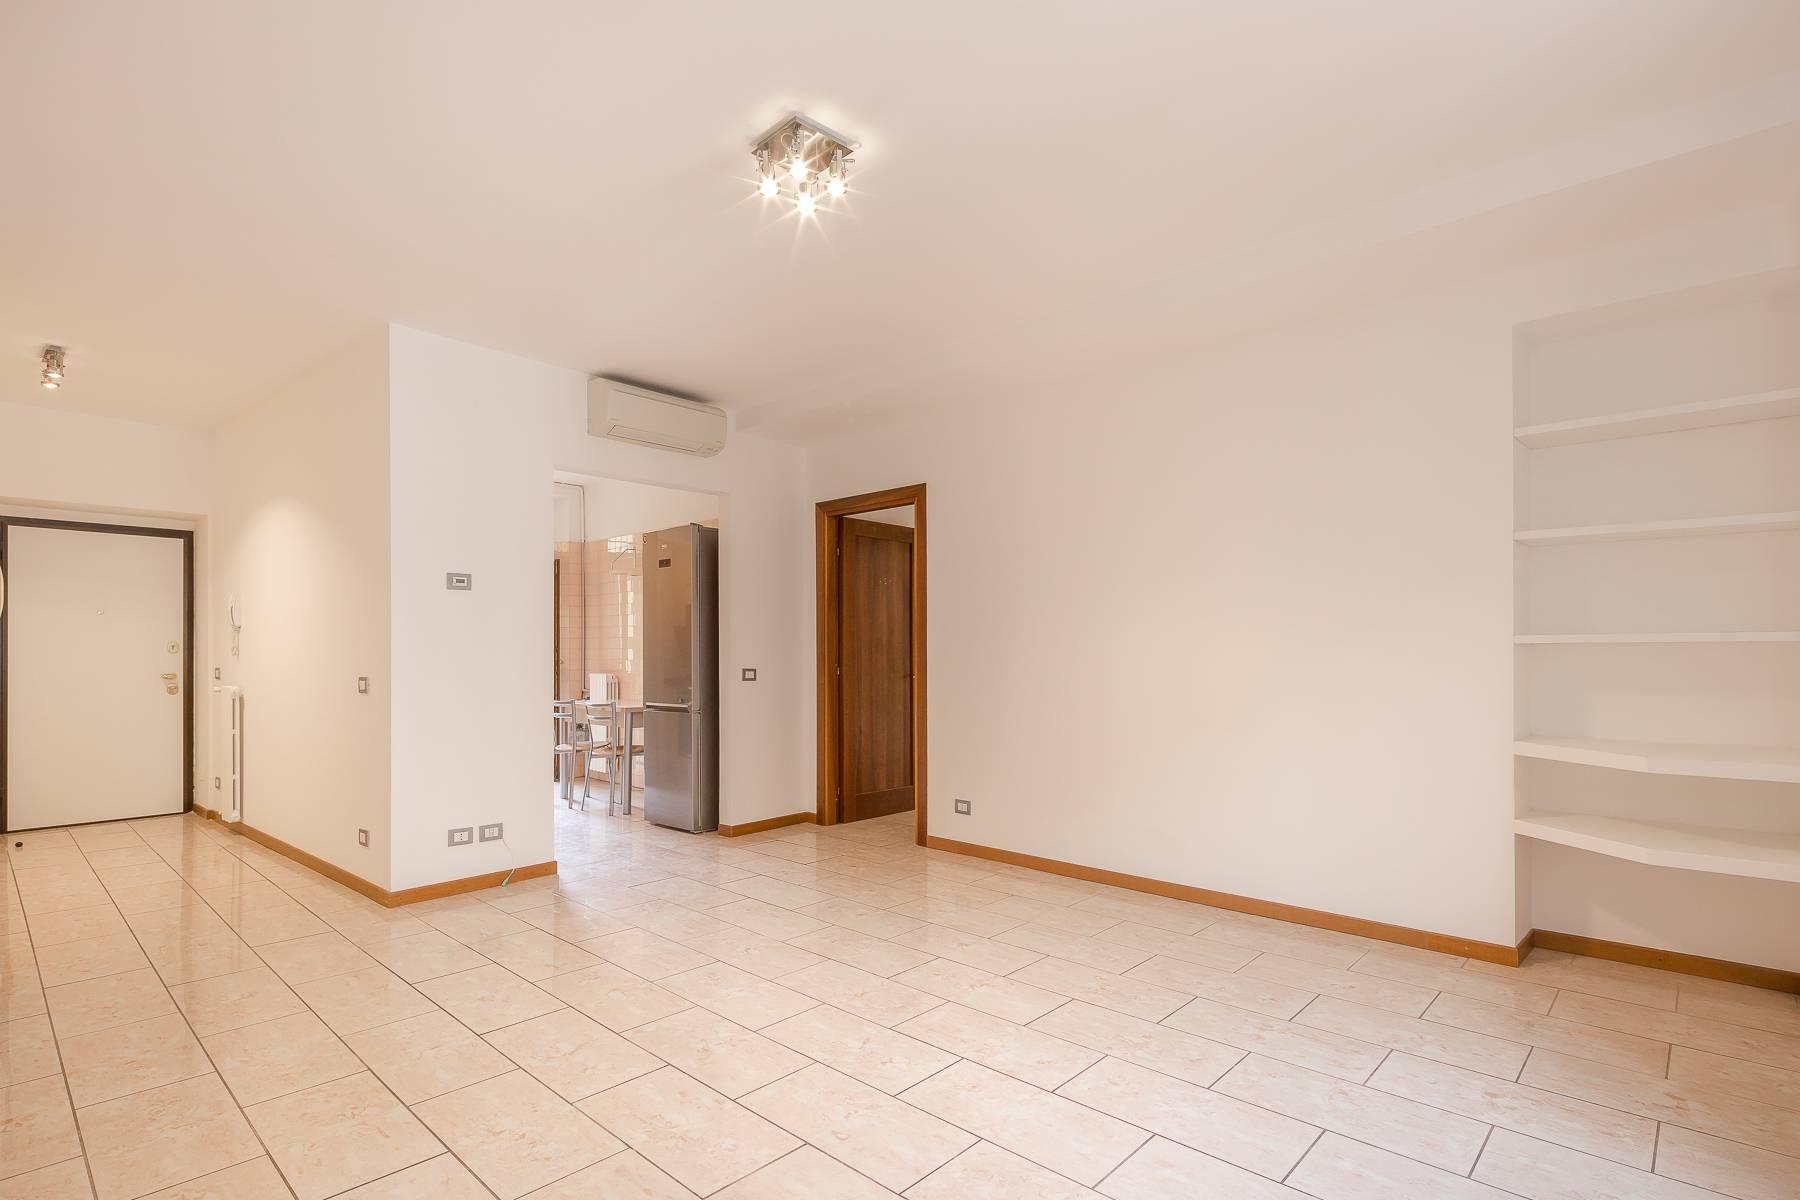 Appartamento in Affitto a Milano: 4 locali, 120 mq - Foto 7